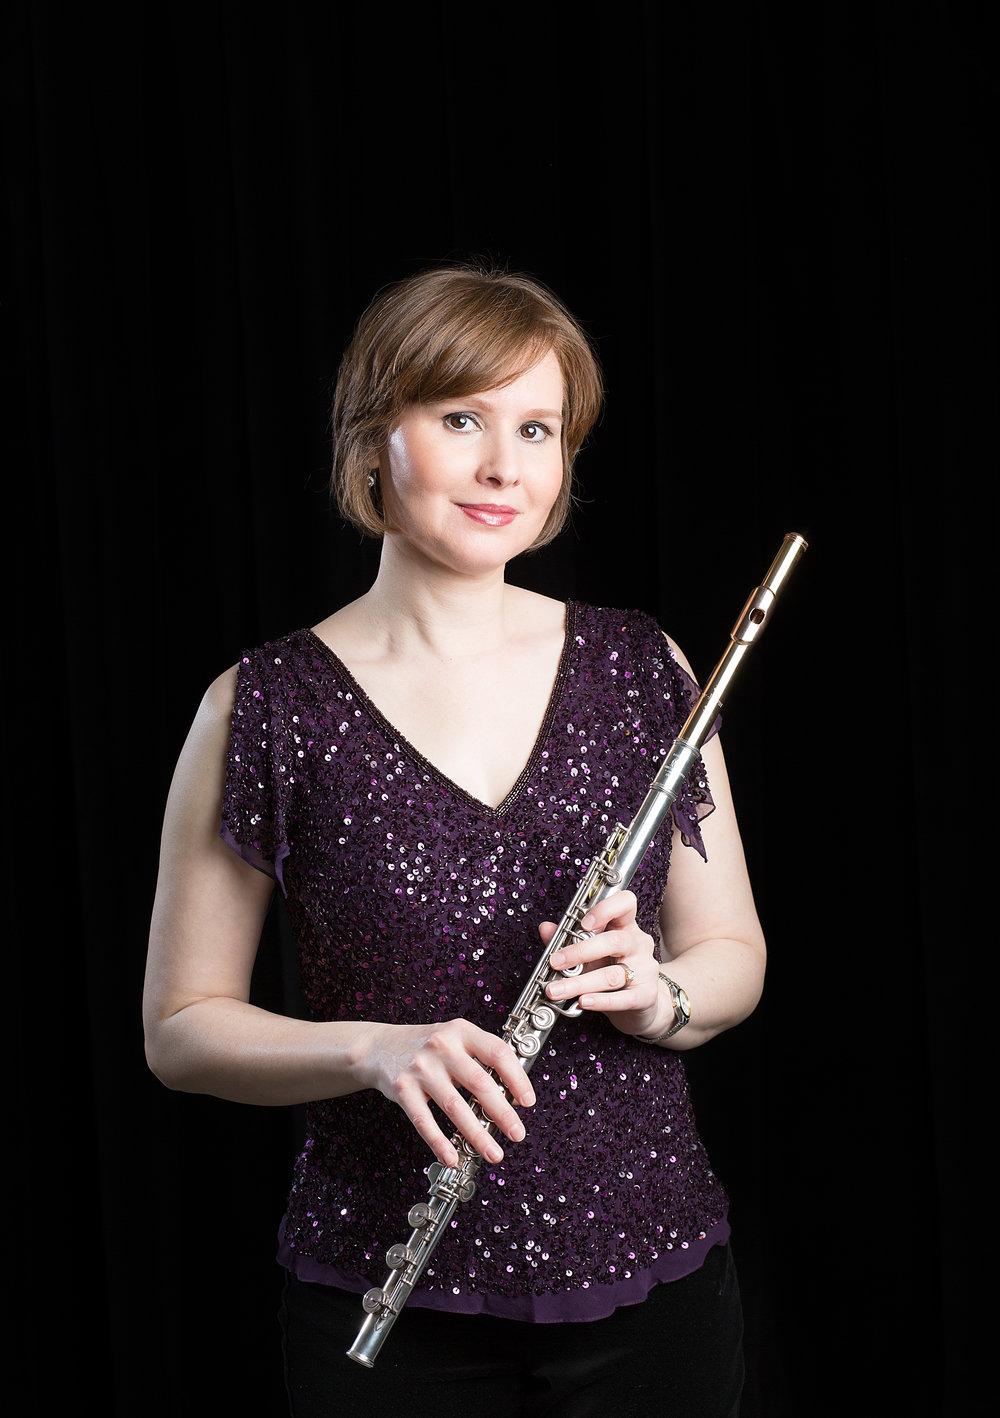 Adria Sternstein Foster - Principal Flute